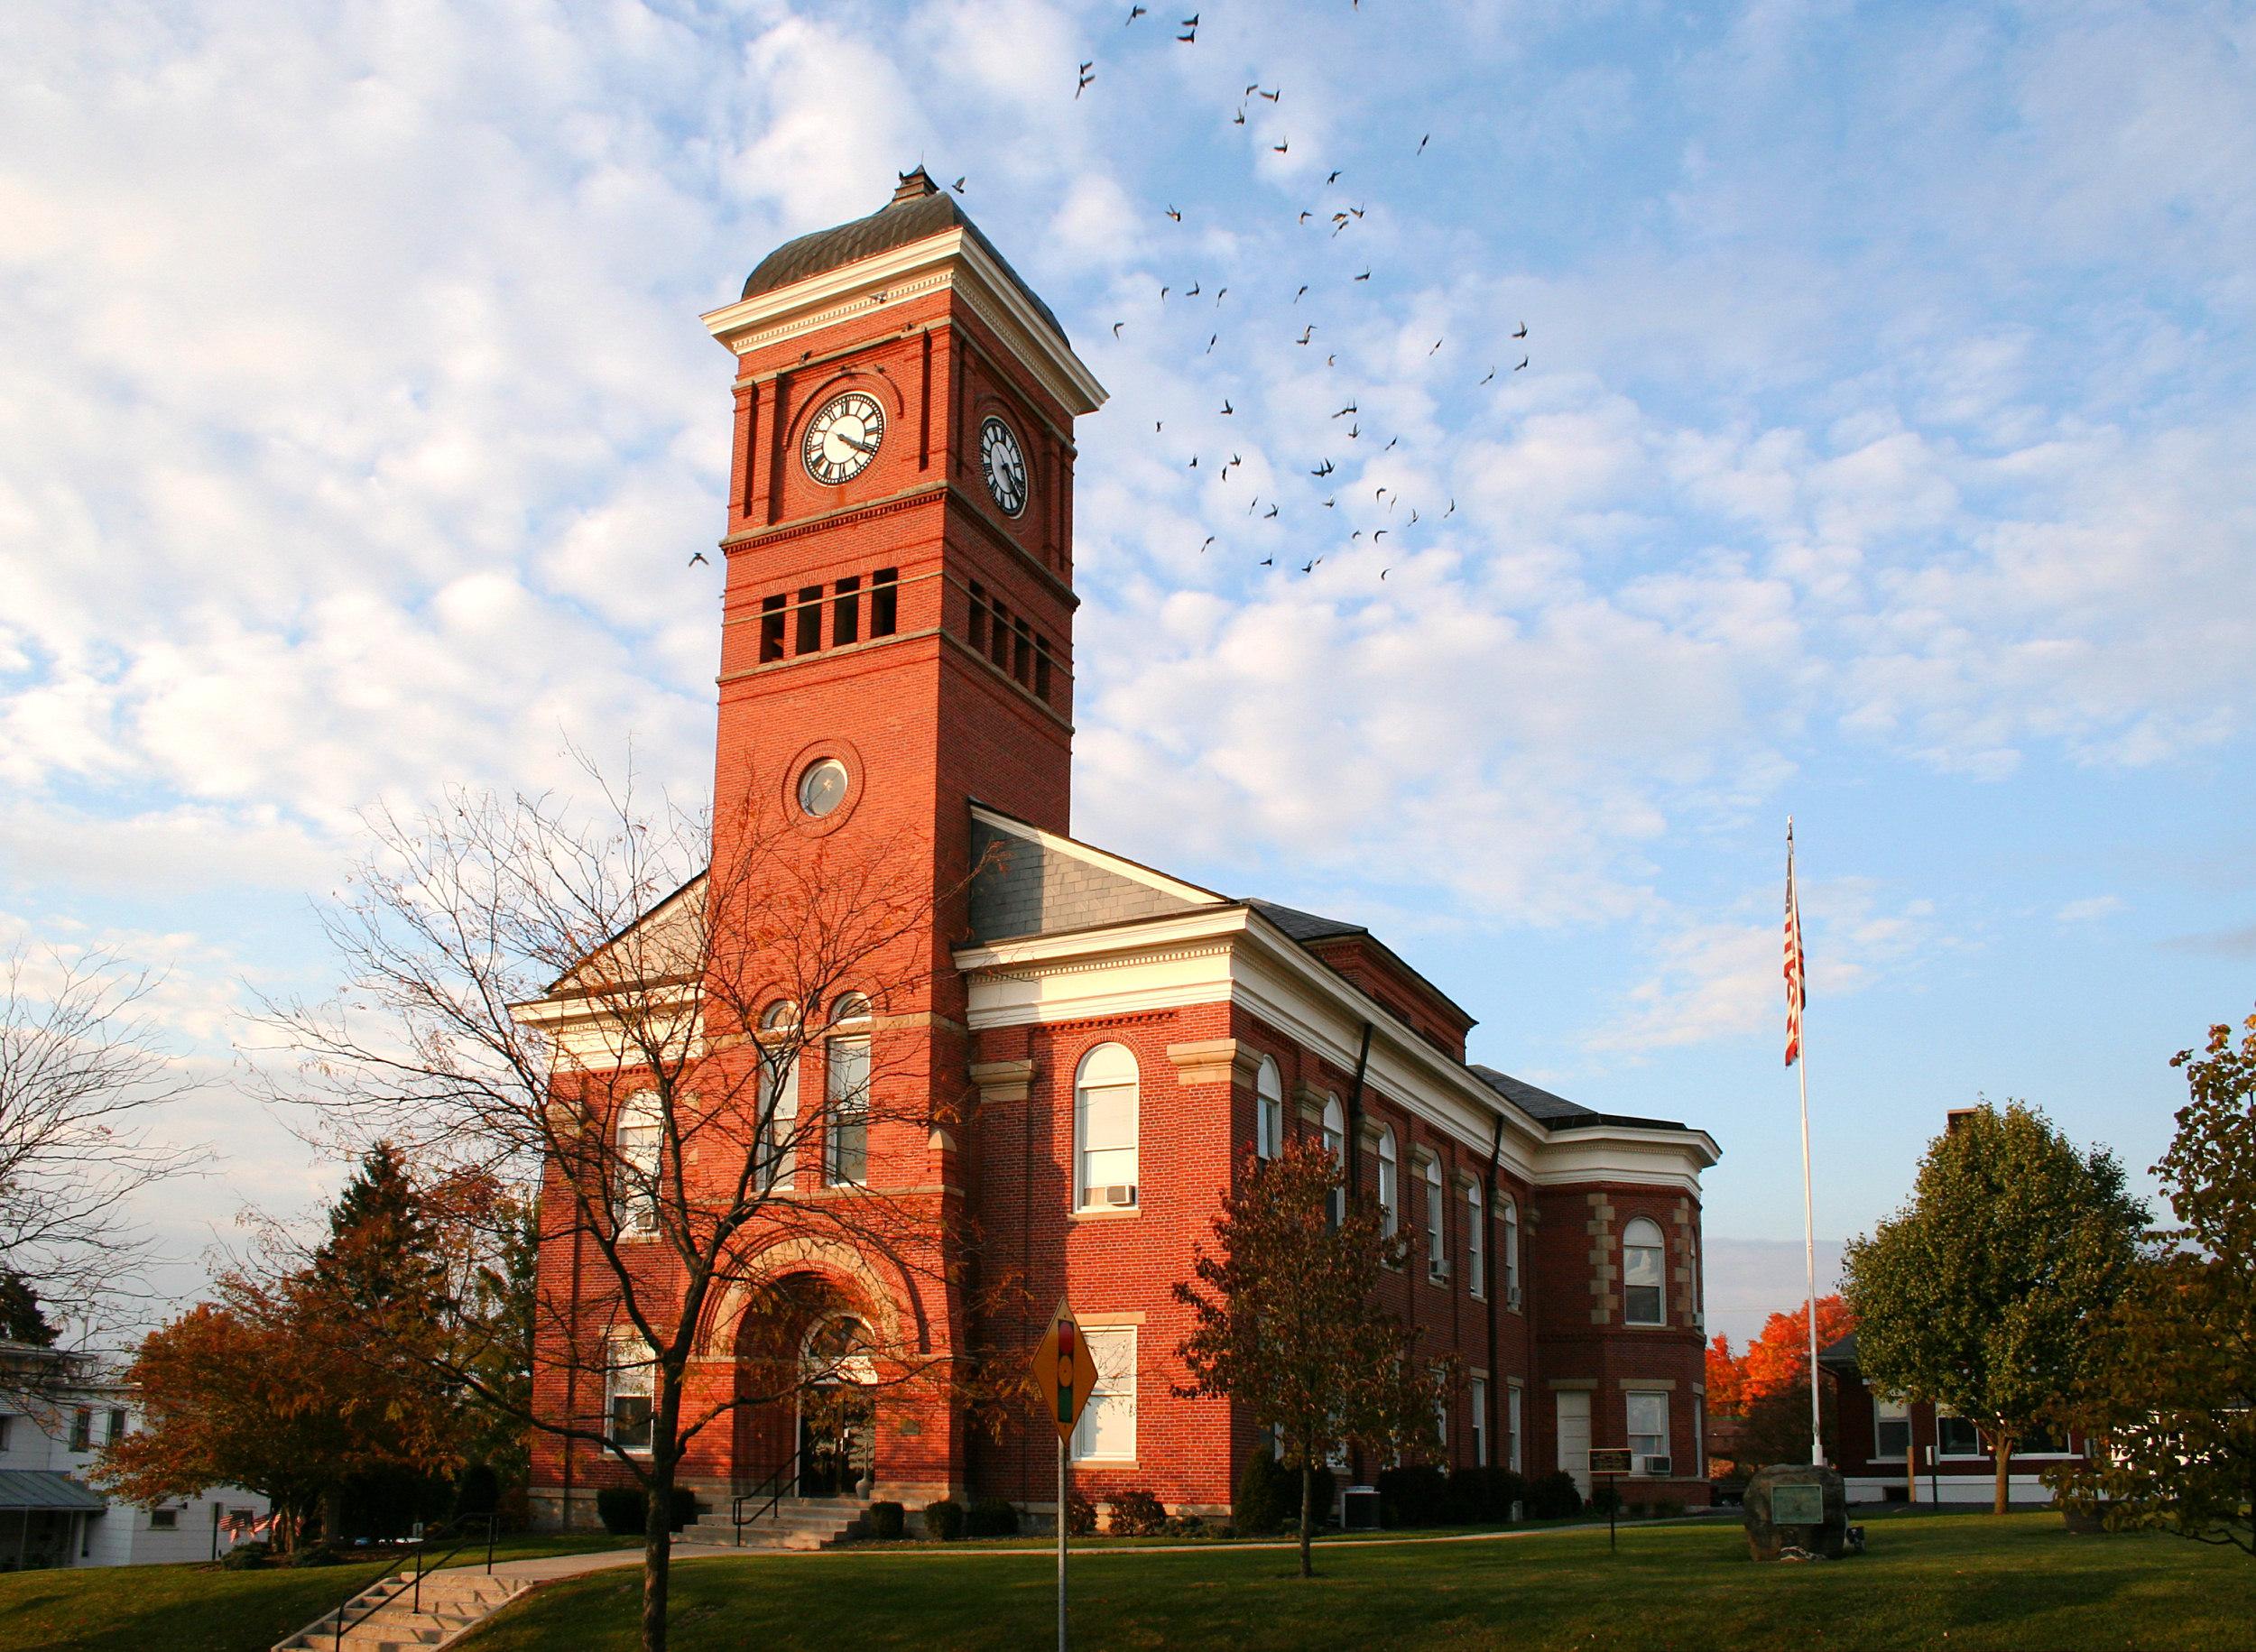 Mount-gilead-ohio-courthouse.jpgmount gilead town